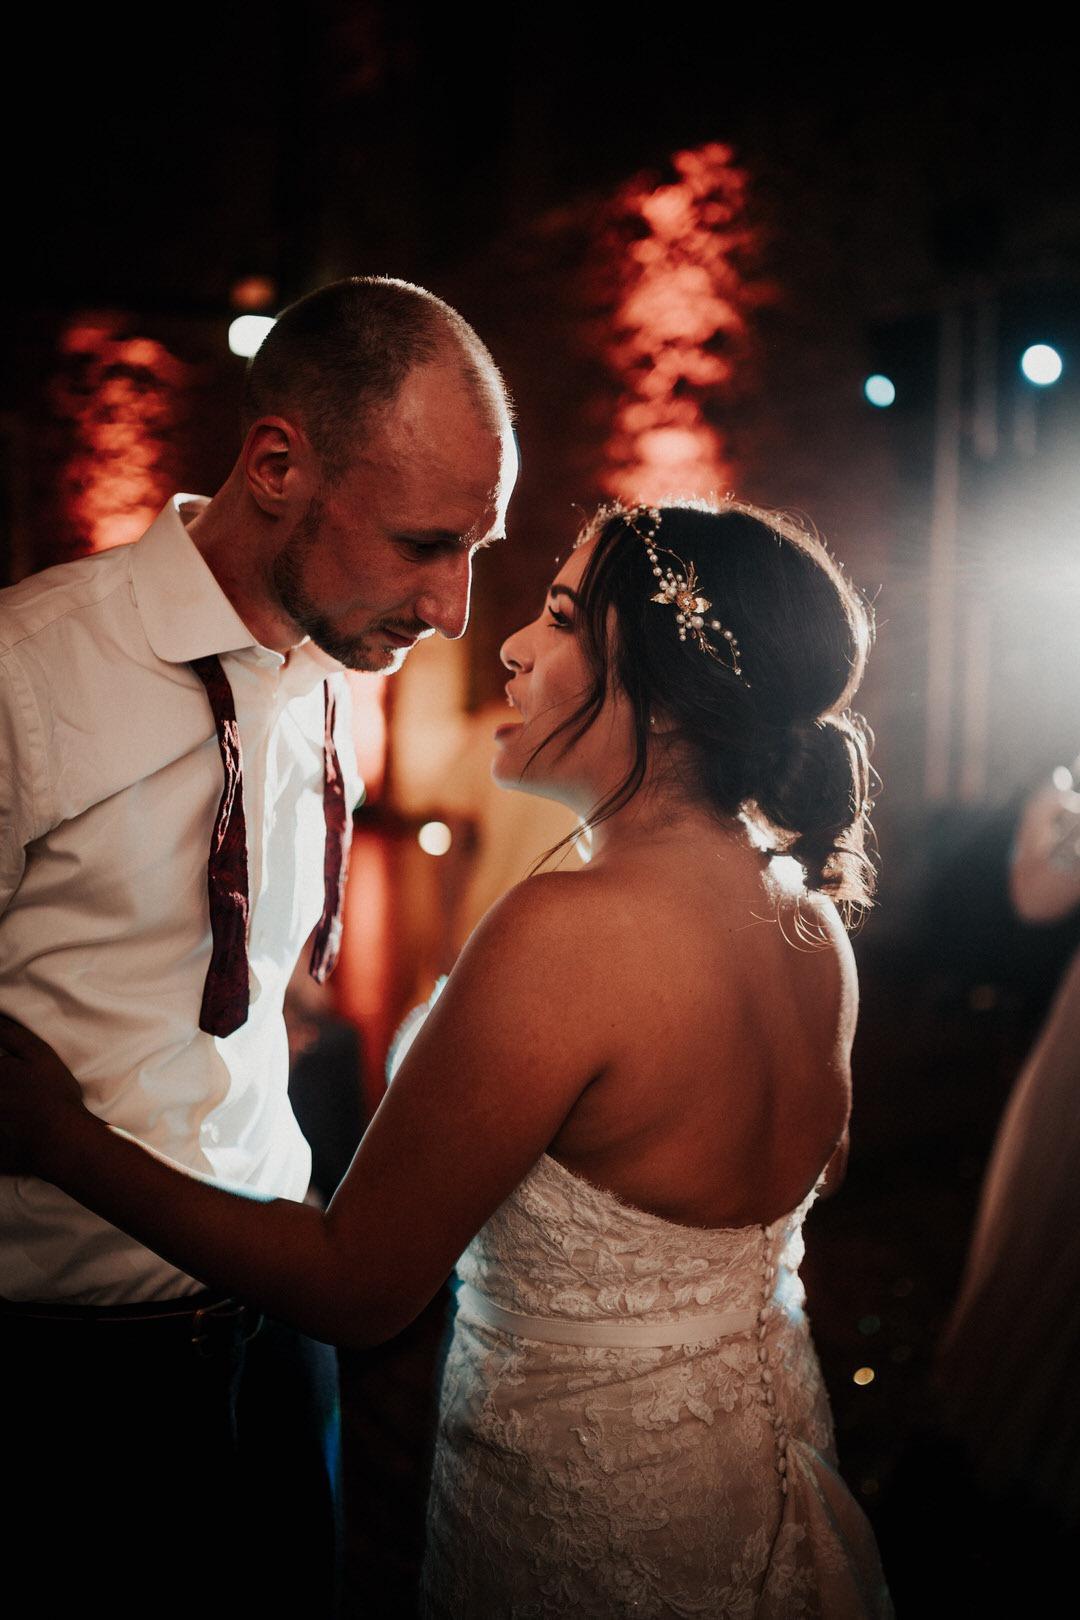 Brautpaar bei der Party ihrer Boho-Hochzeit. Entspanntes Feiern am großen Tag